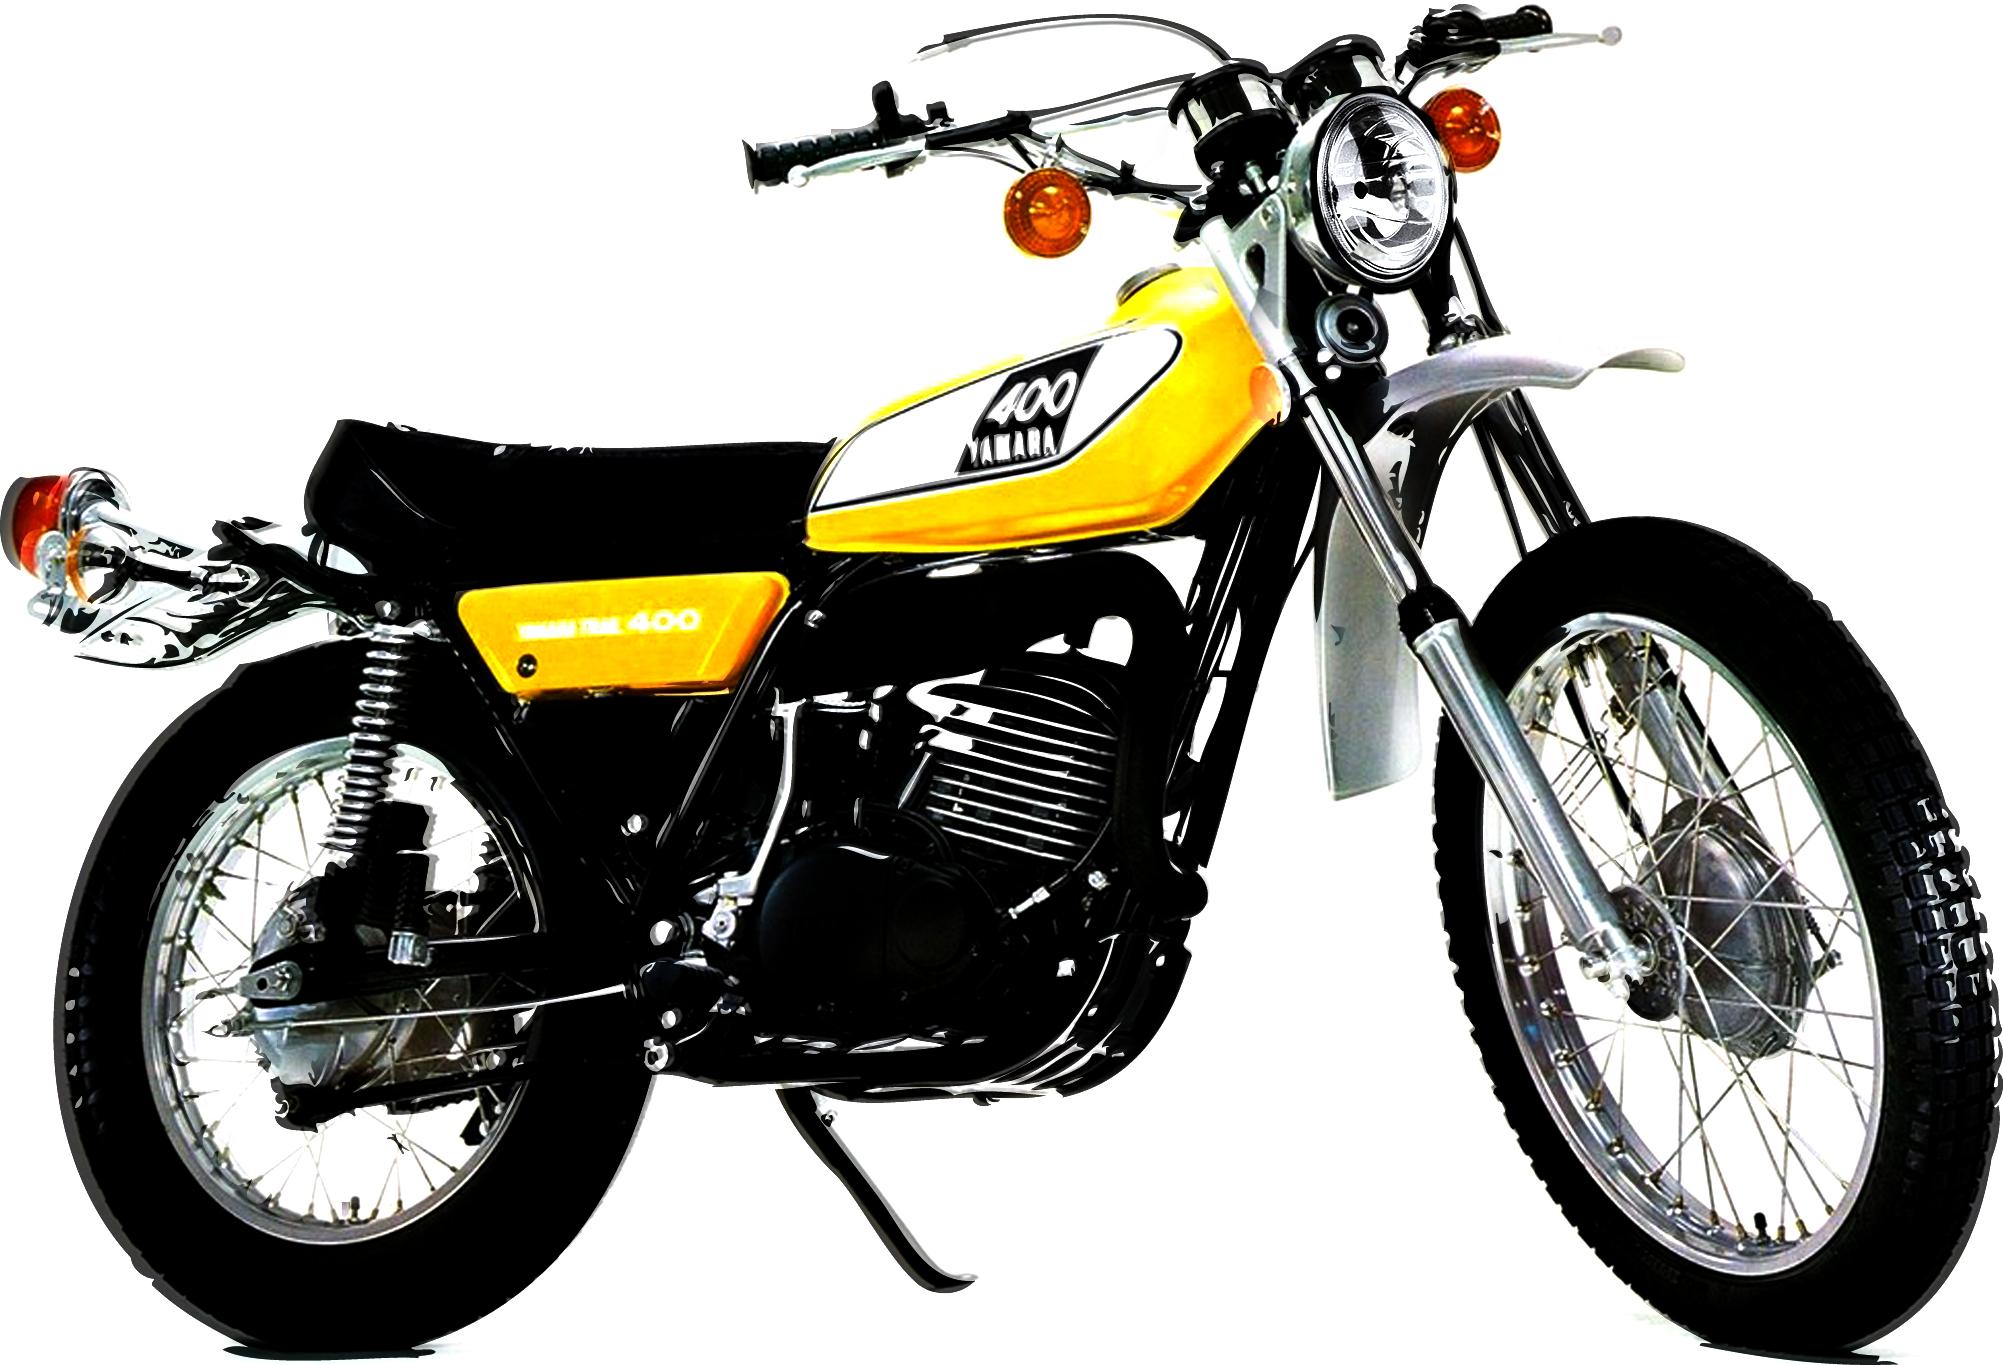 Yamaha hints at DT revival